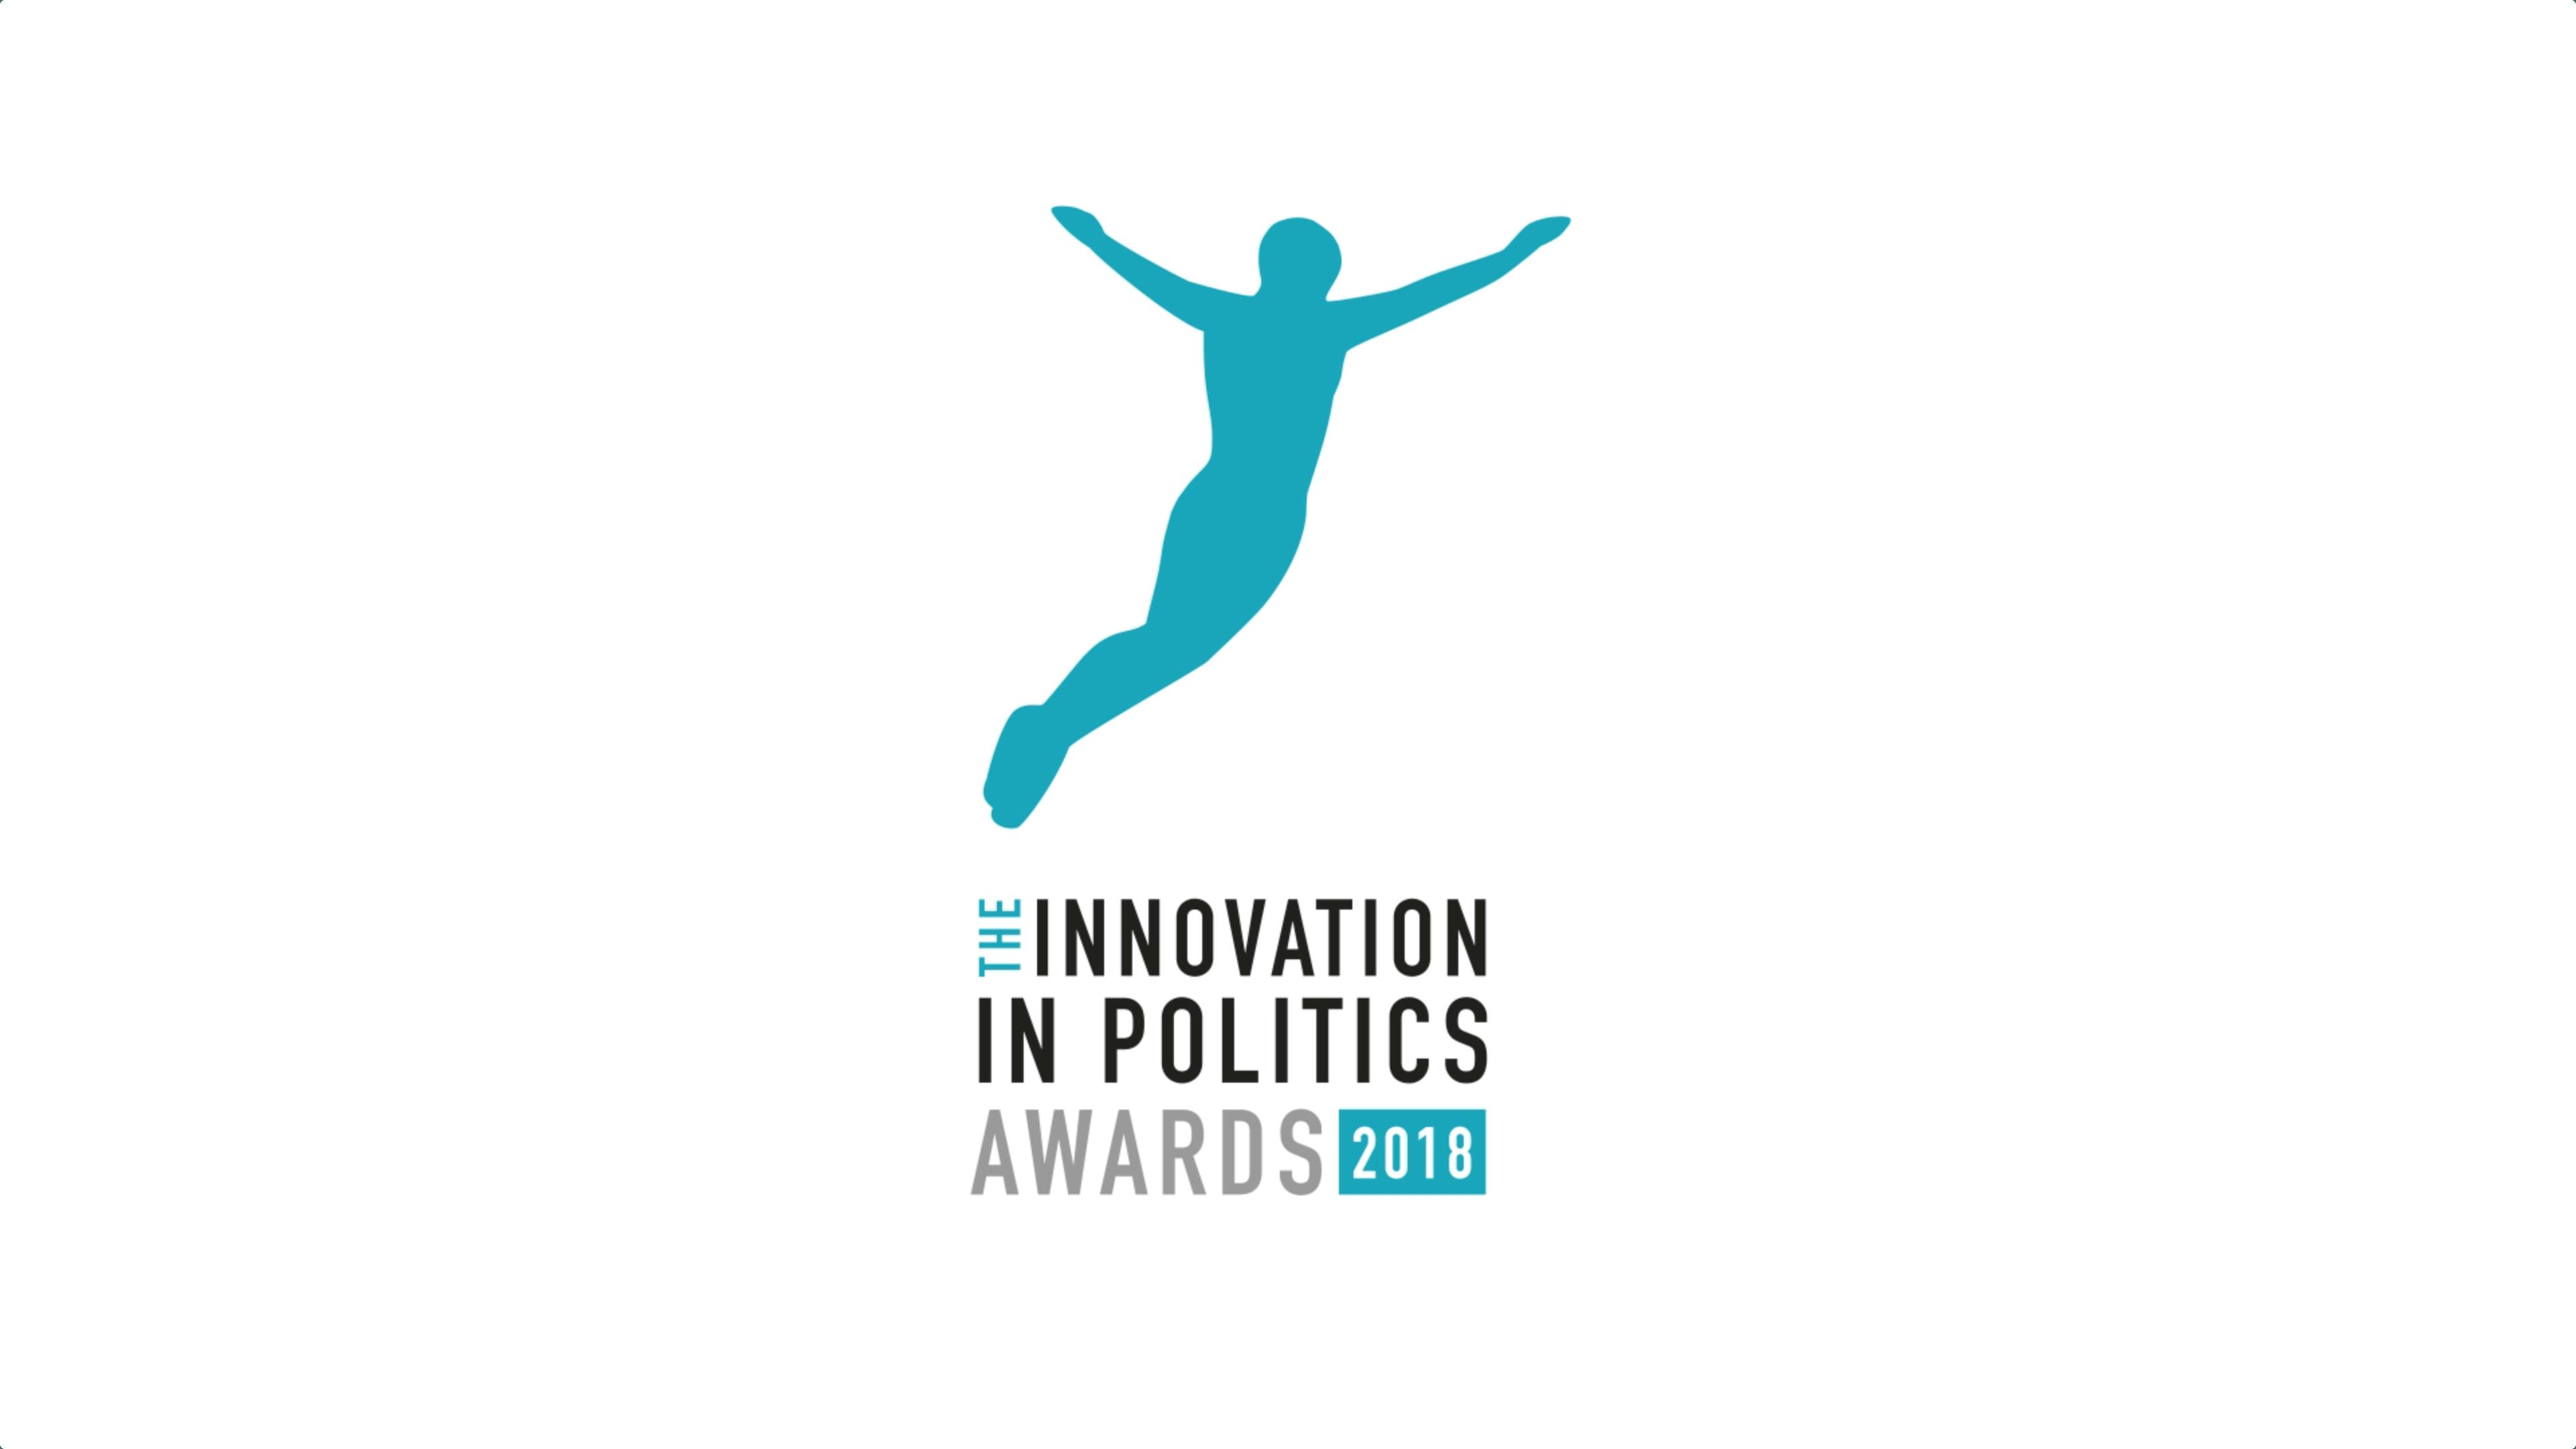 The Innovation in Politics Awards 2018